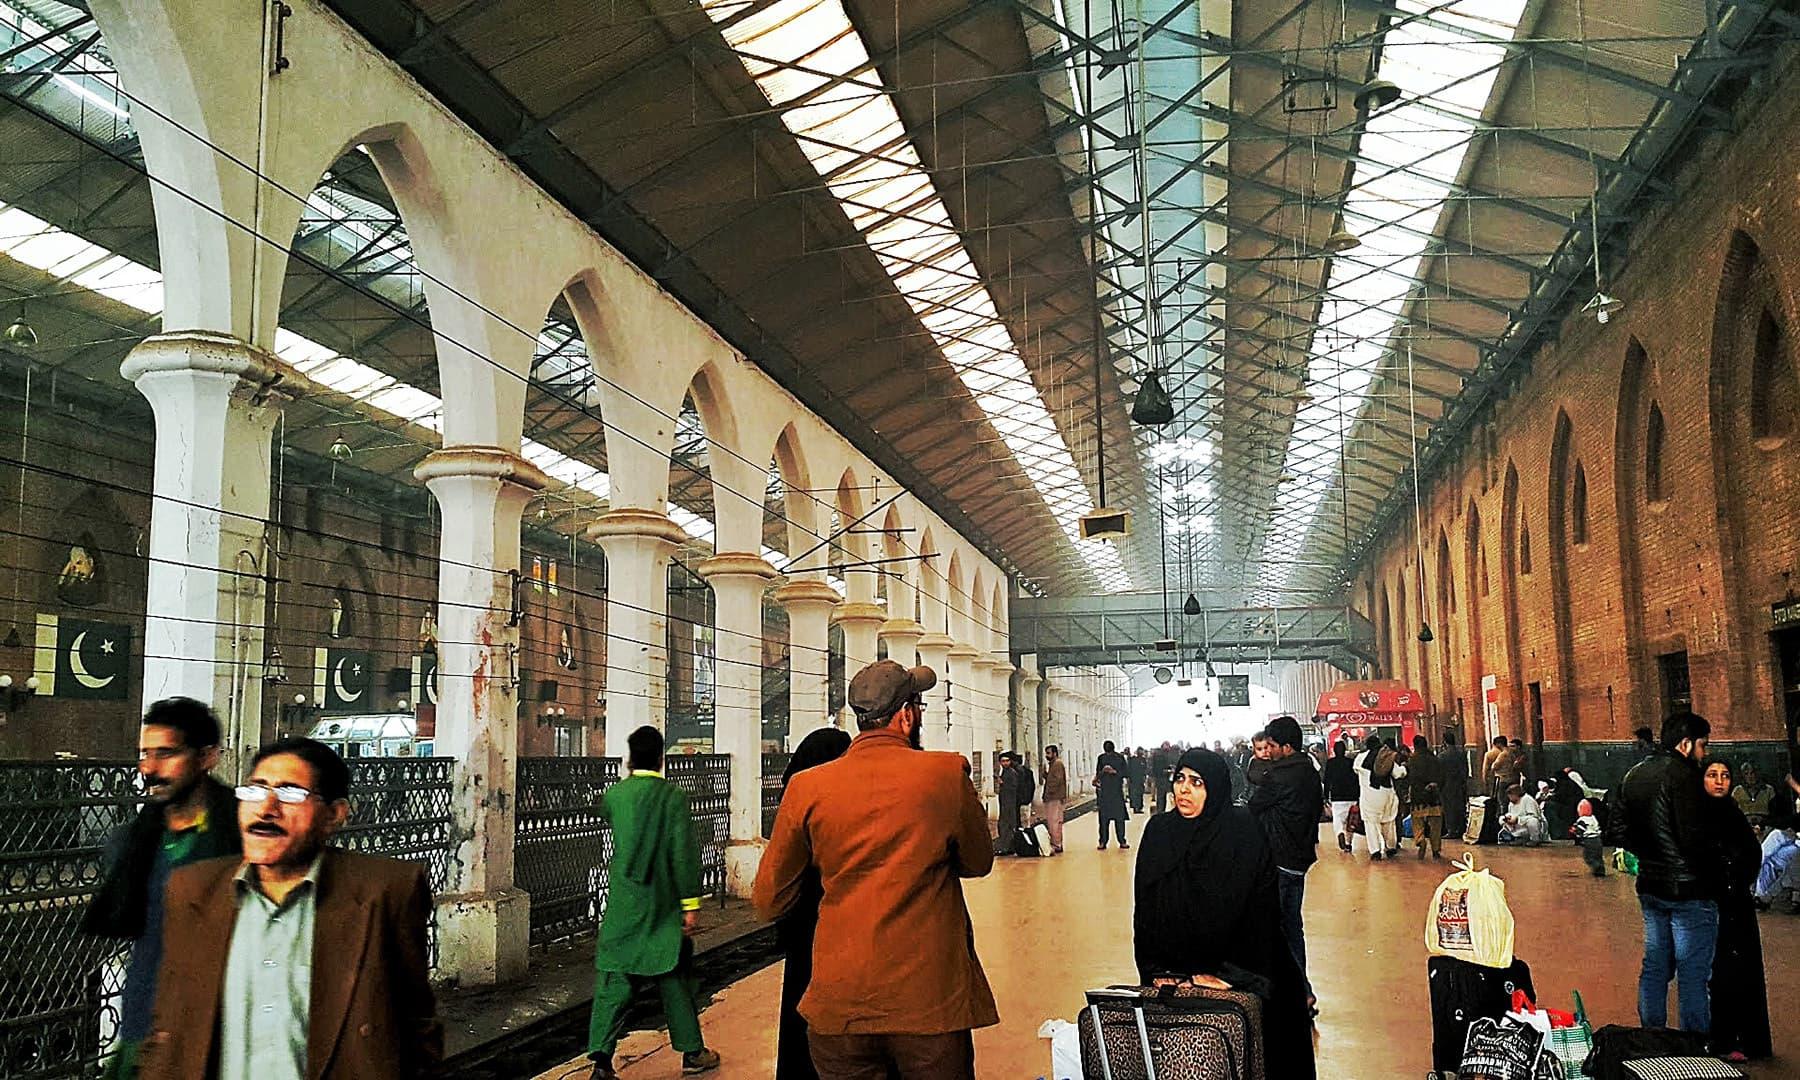 لاہور ریلوے اسٹیشن— تصویر صوفیہ کاشف